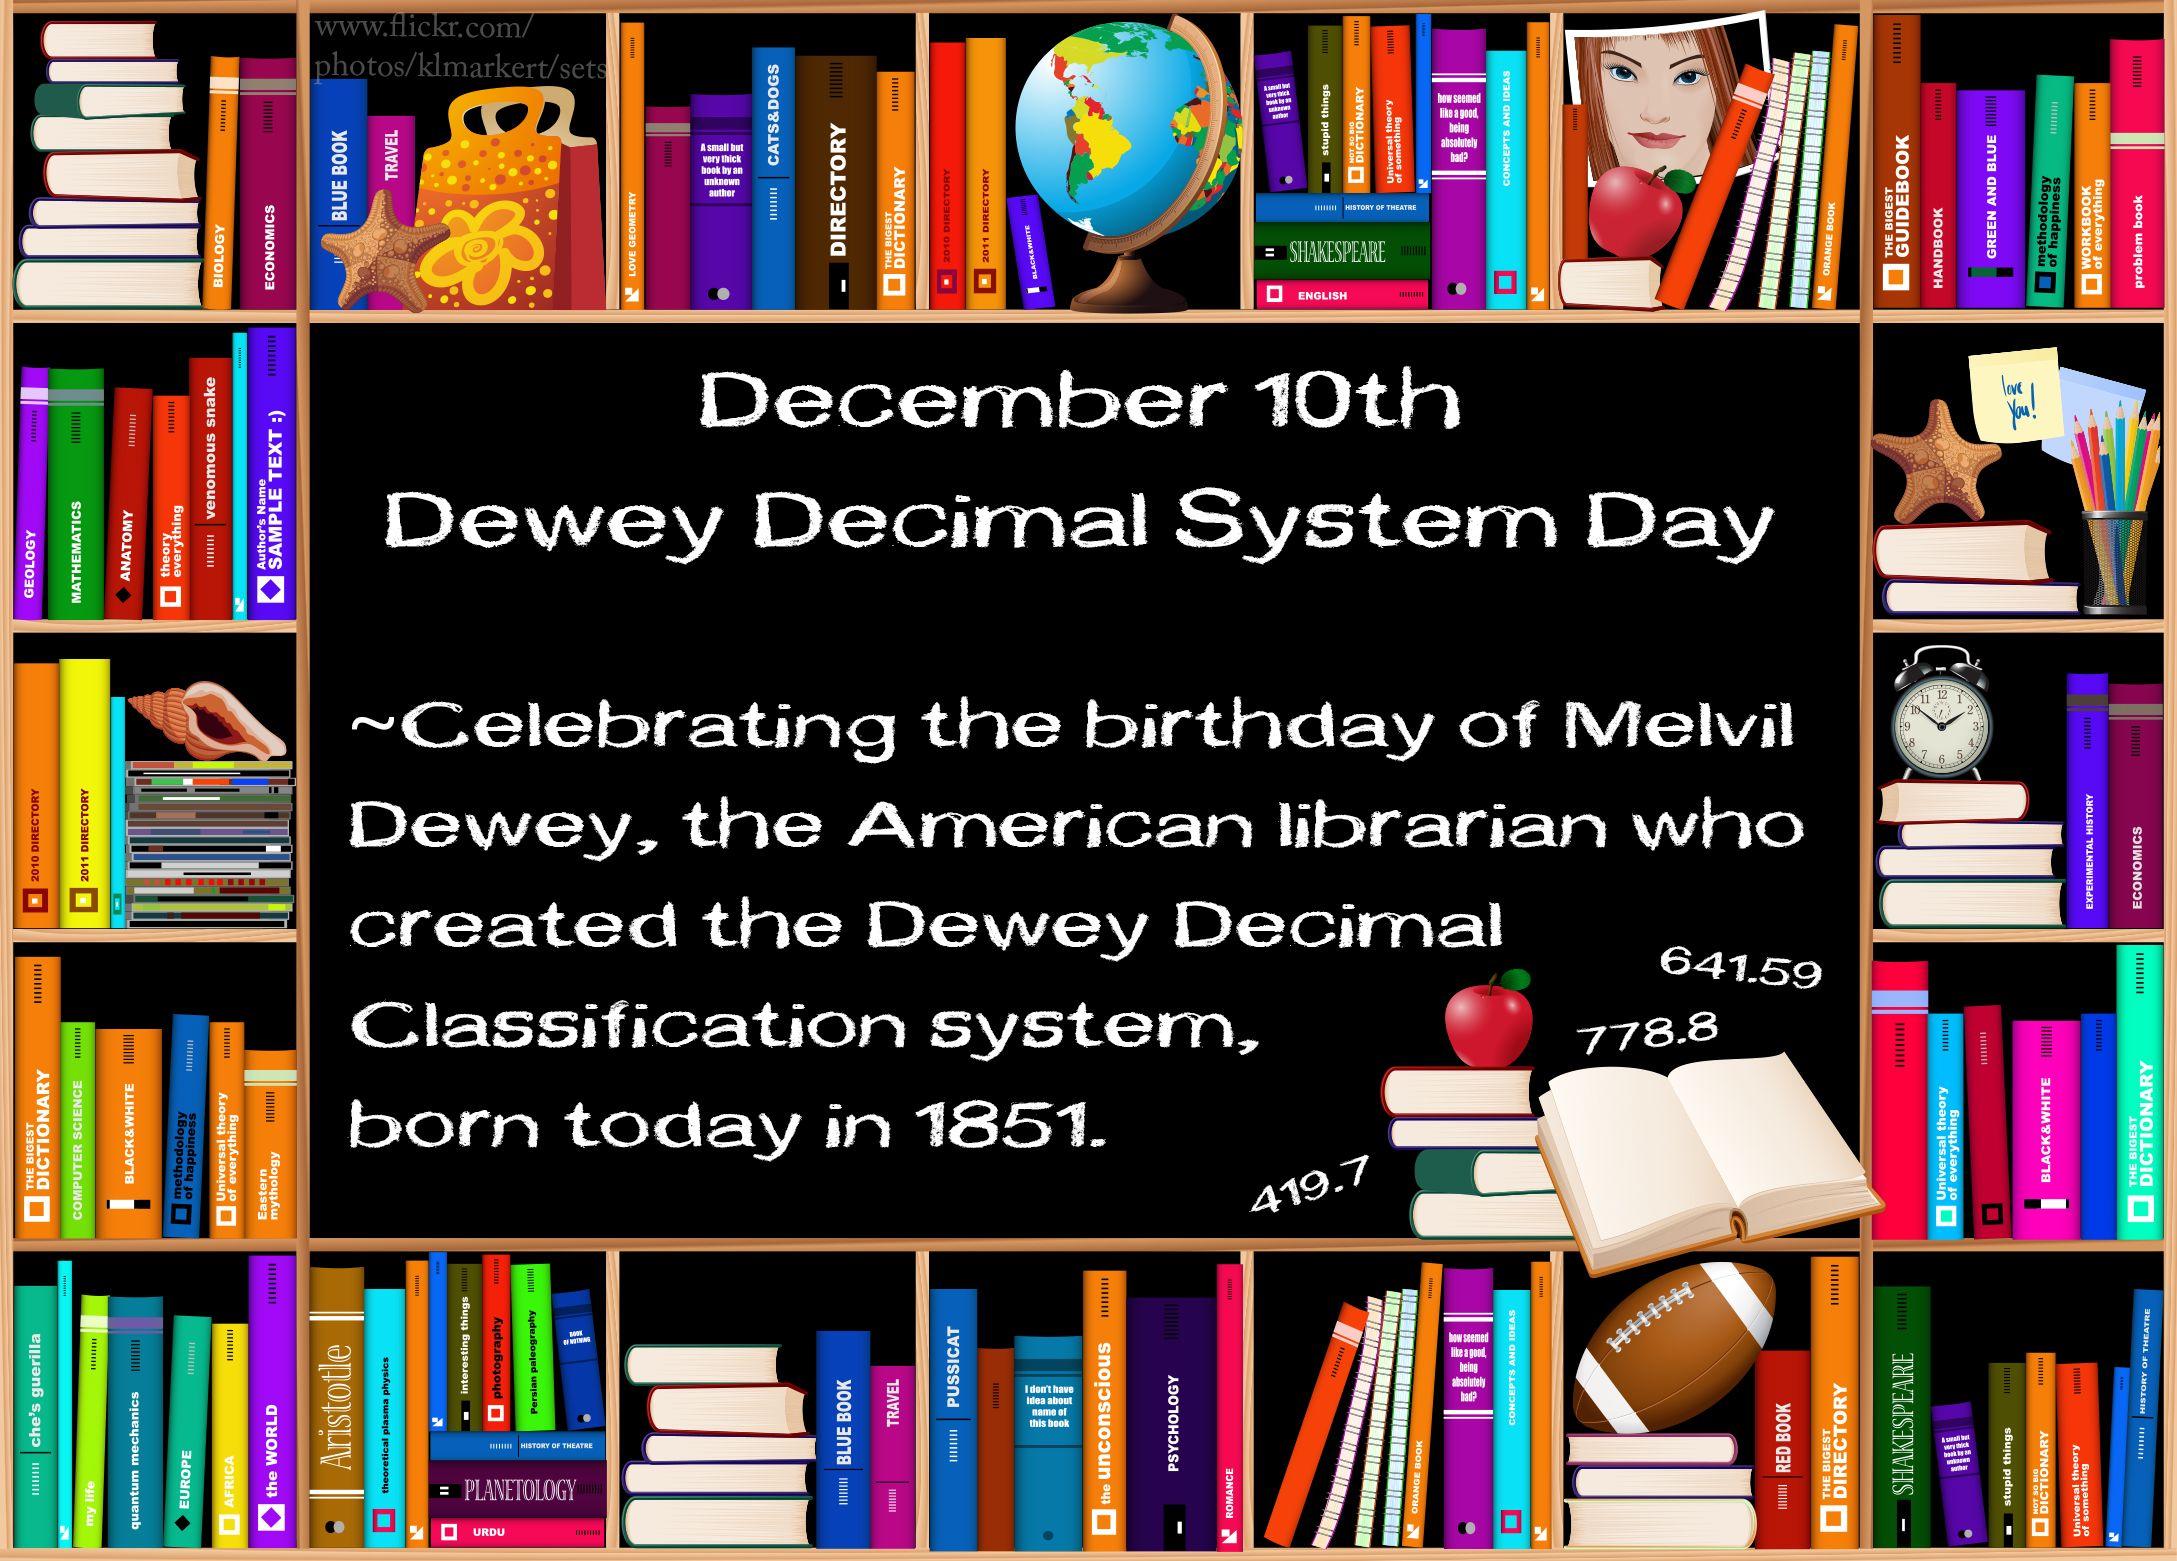 December 10th Dewey Decimal System Day